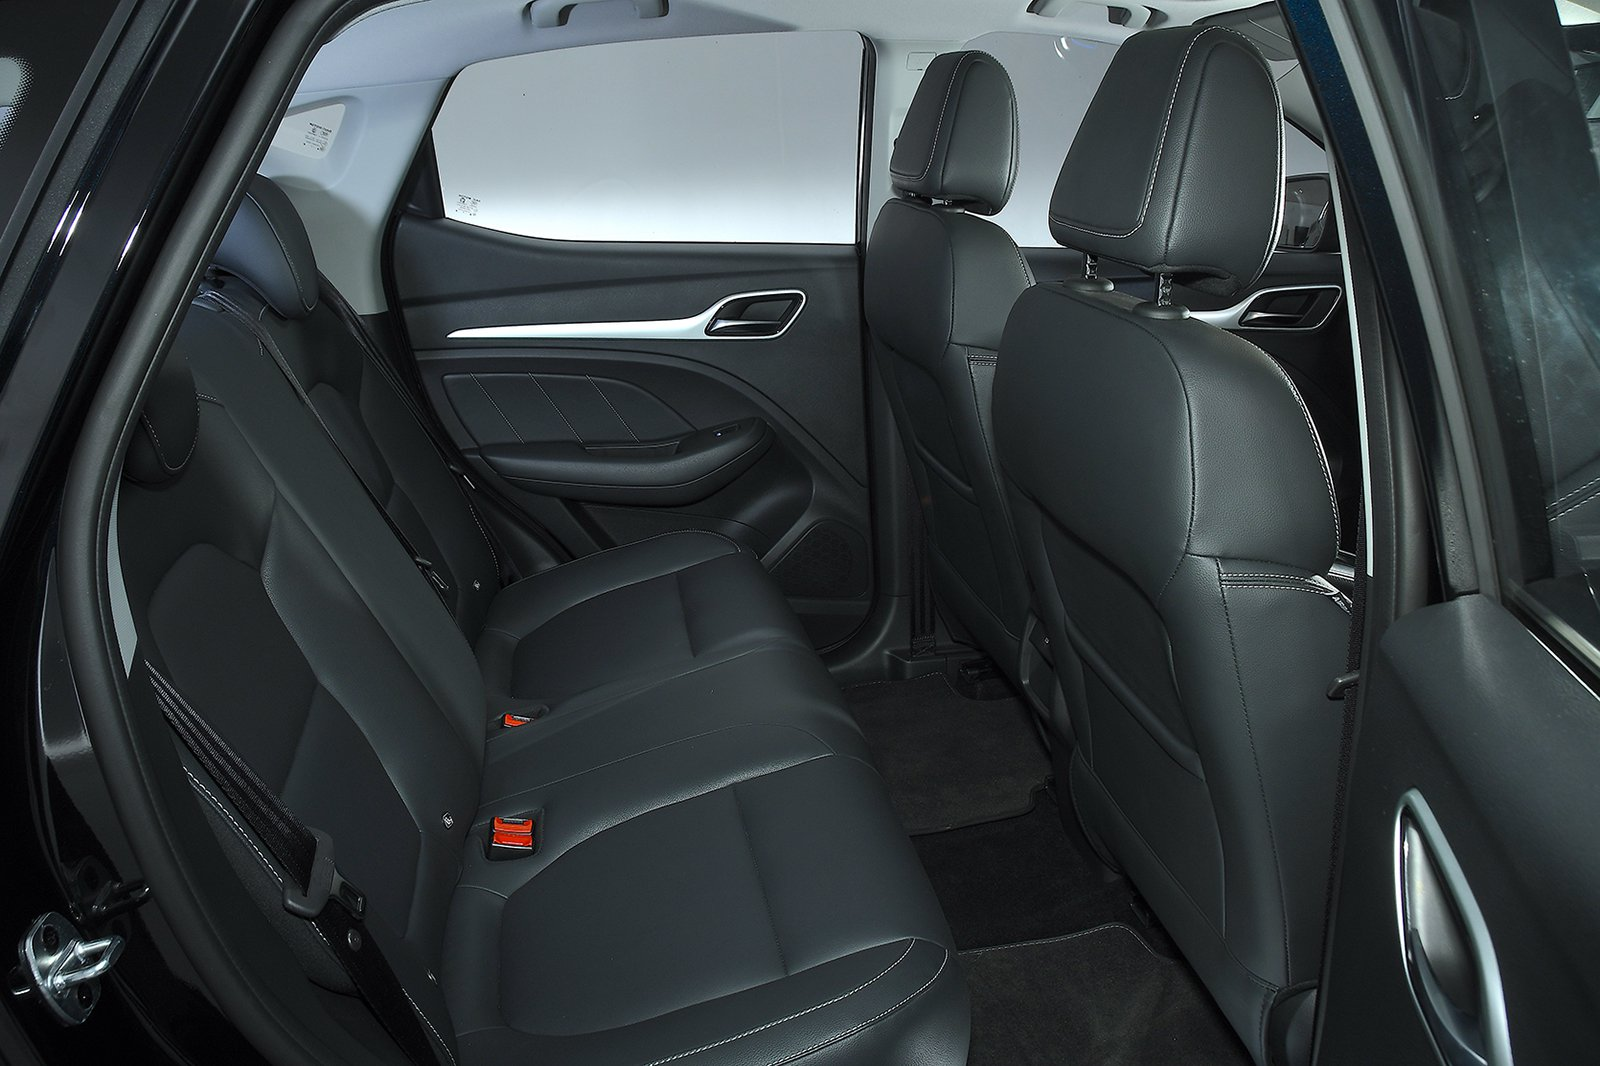 MG ZS EV rear seats